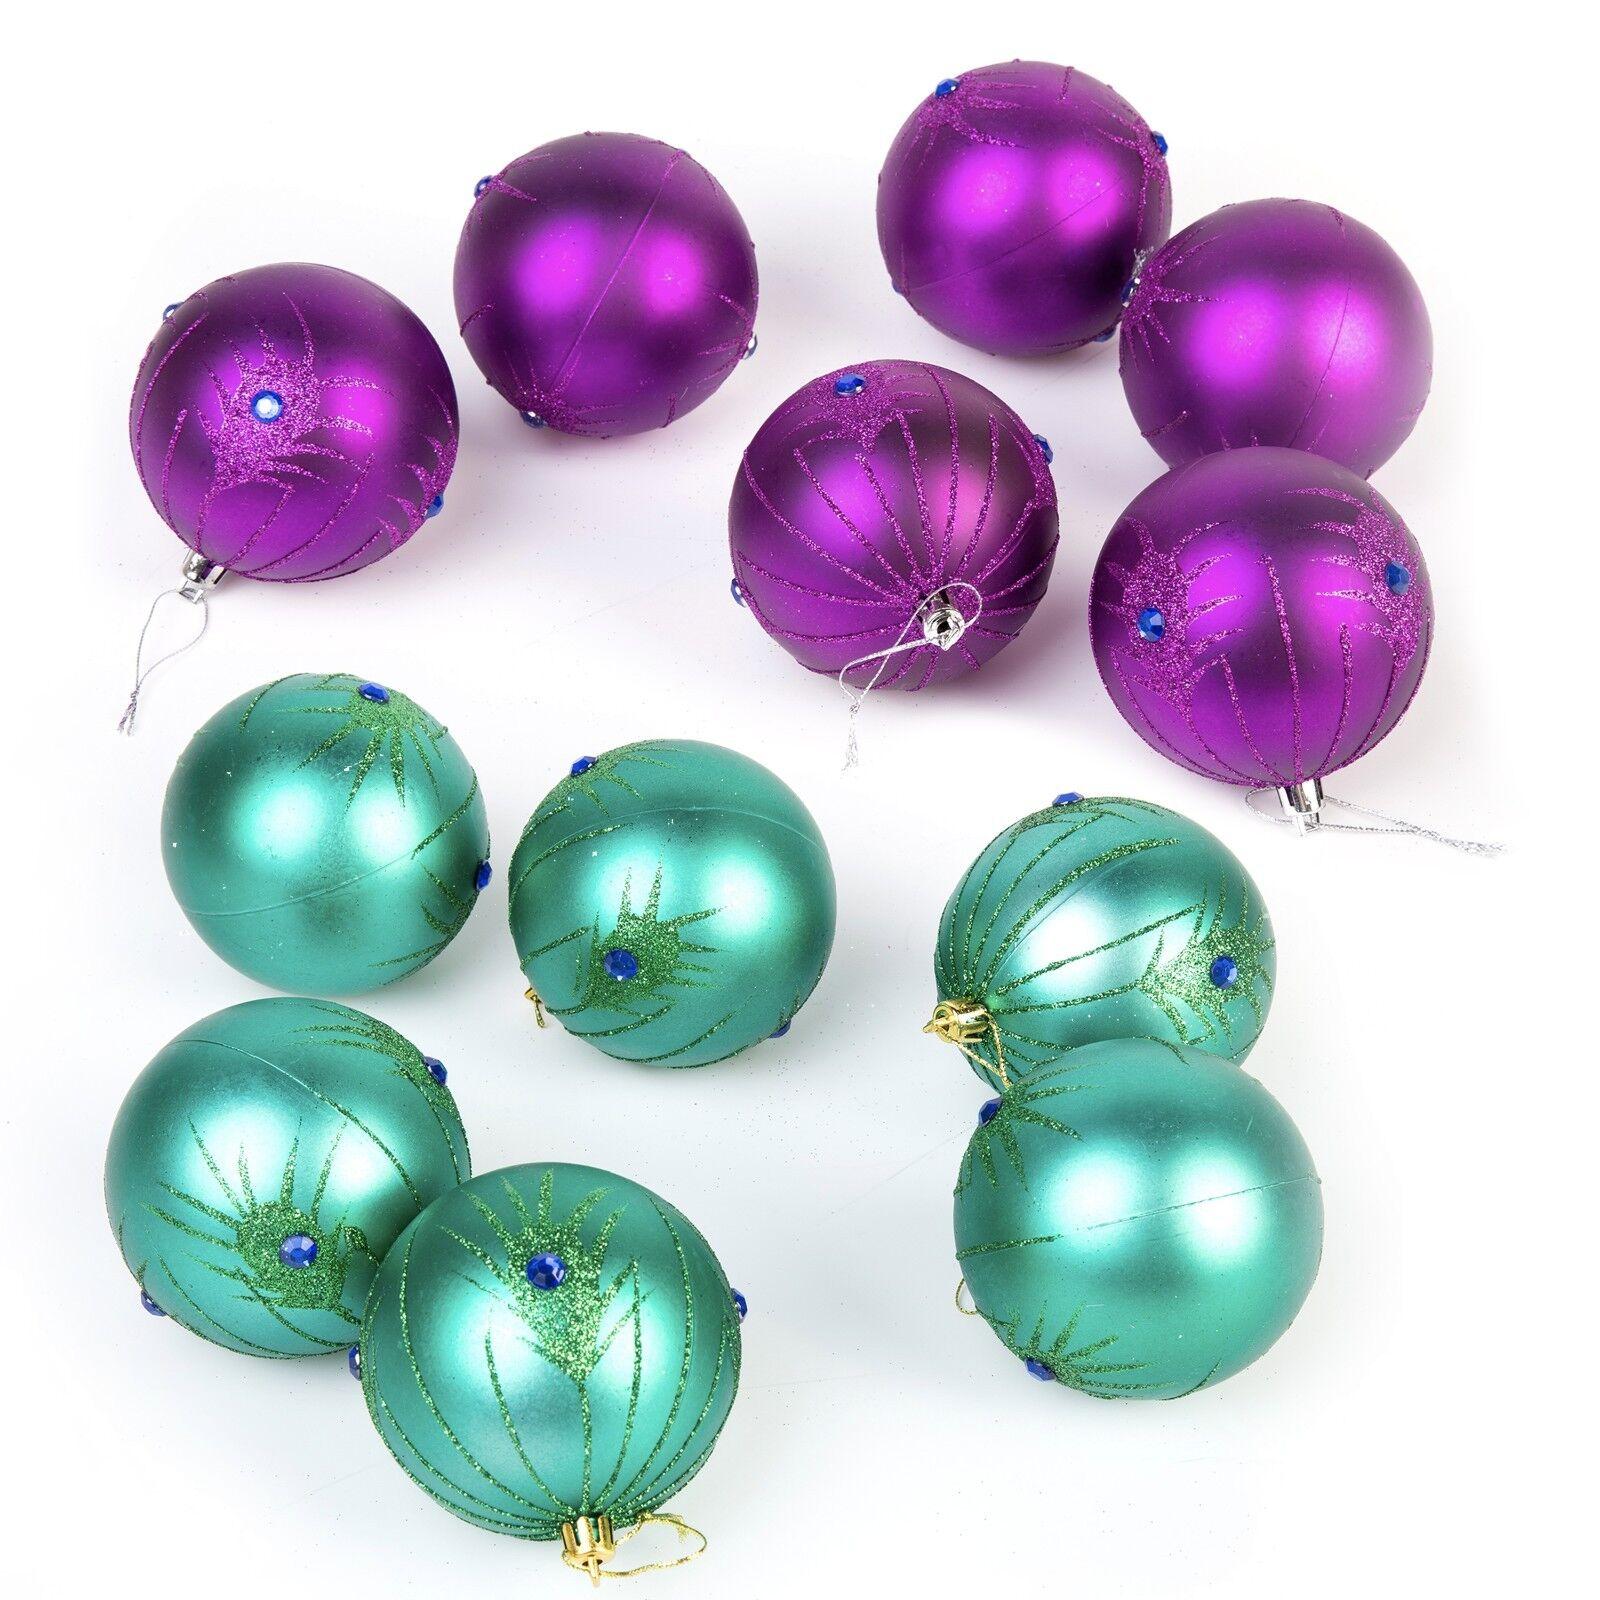 12 Pc Conjunto de Decoración de Navidad Árbol Bolas De Lujo-Pavo Real Púrpura Turquesa